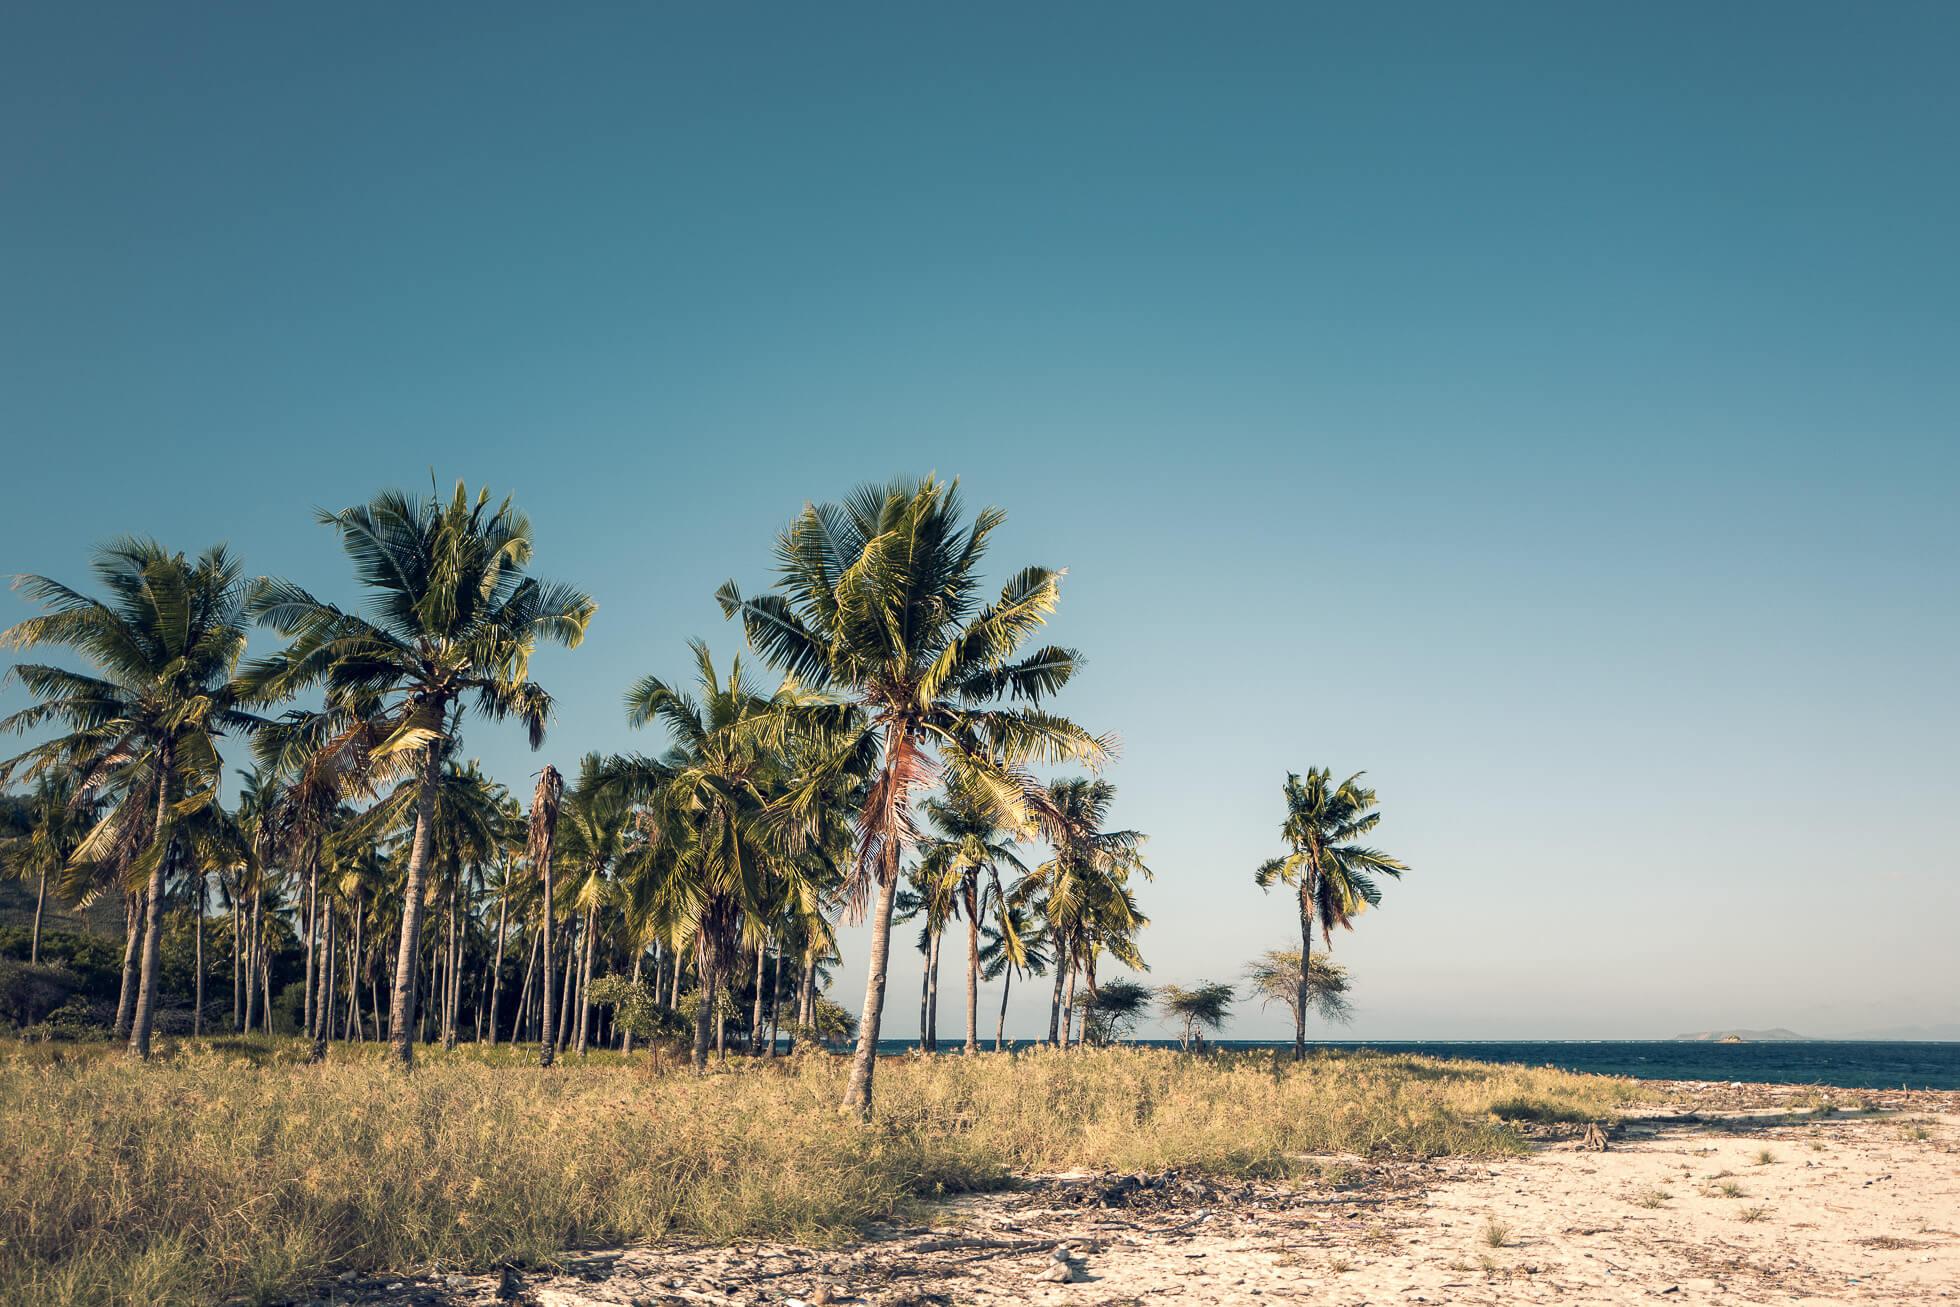 janni-deler-palm-tree-islandL1030363-Redigera